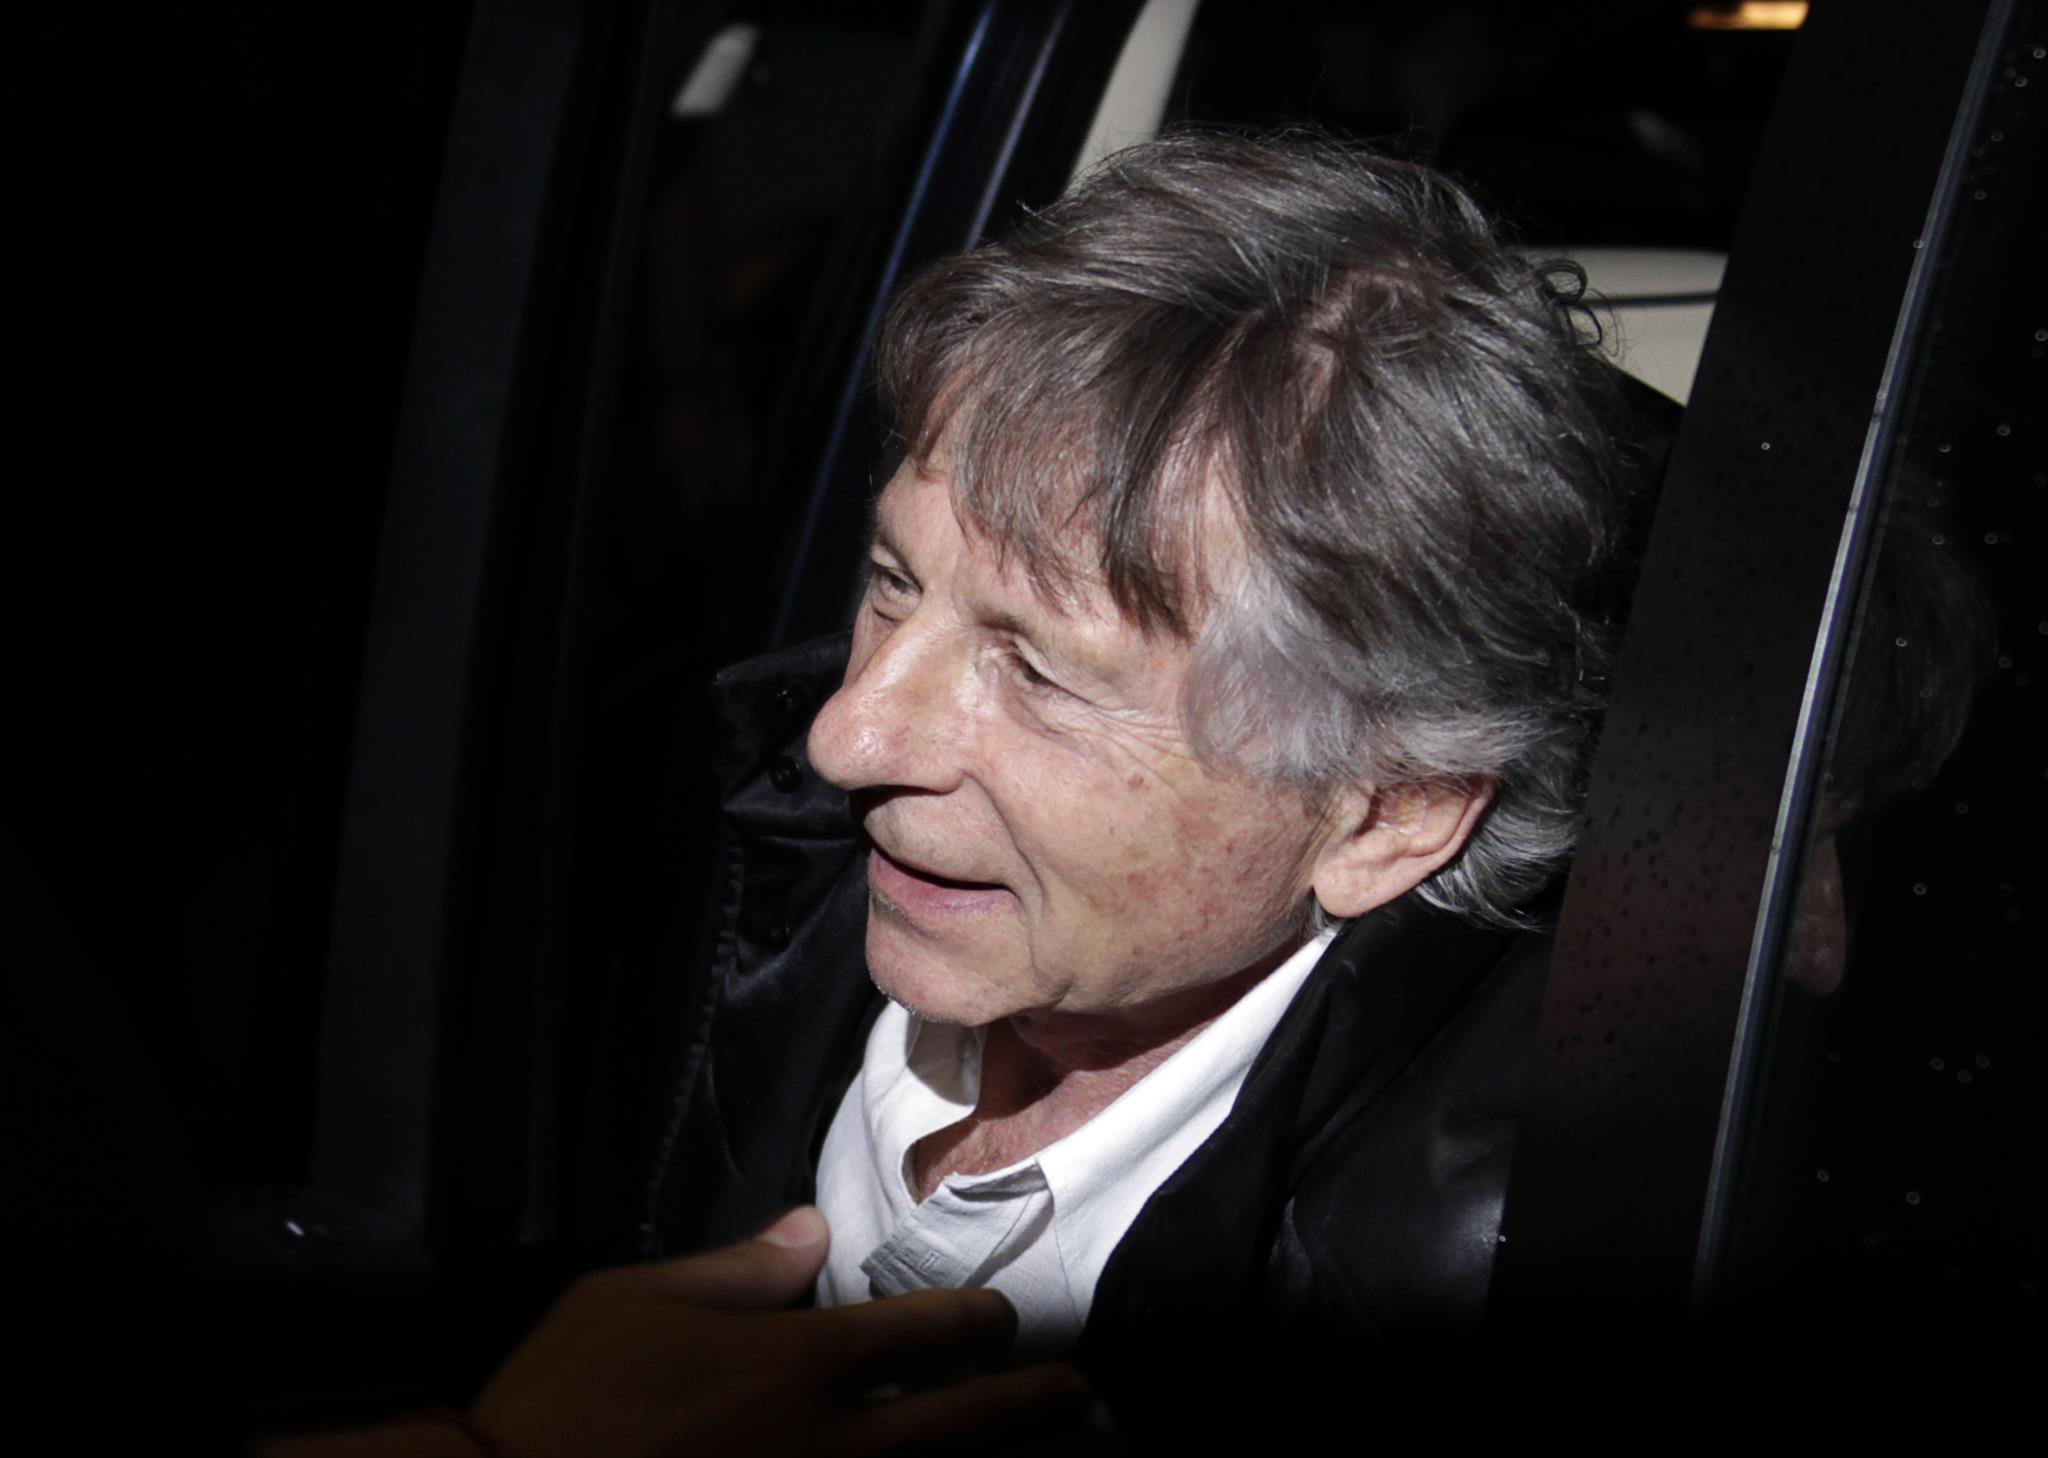 PÚBLICO - Polanski vai presidir aos Césares, que escolhem o melhor do cinema francês